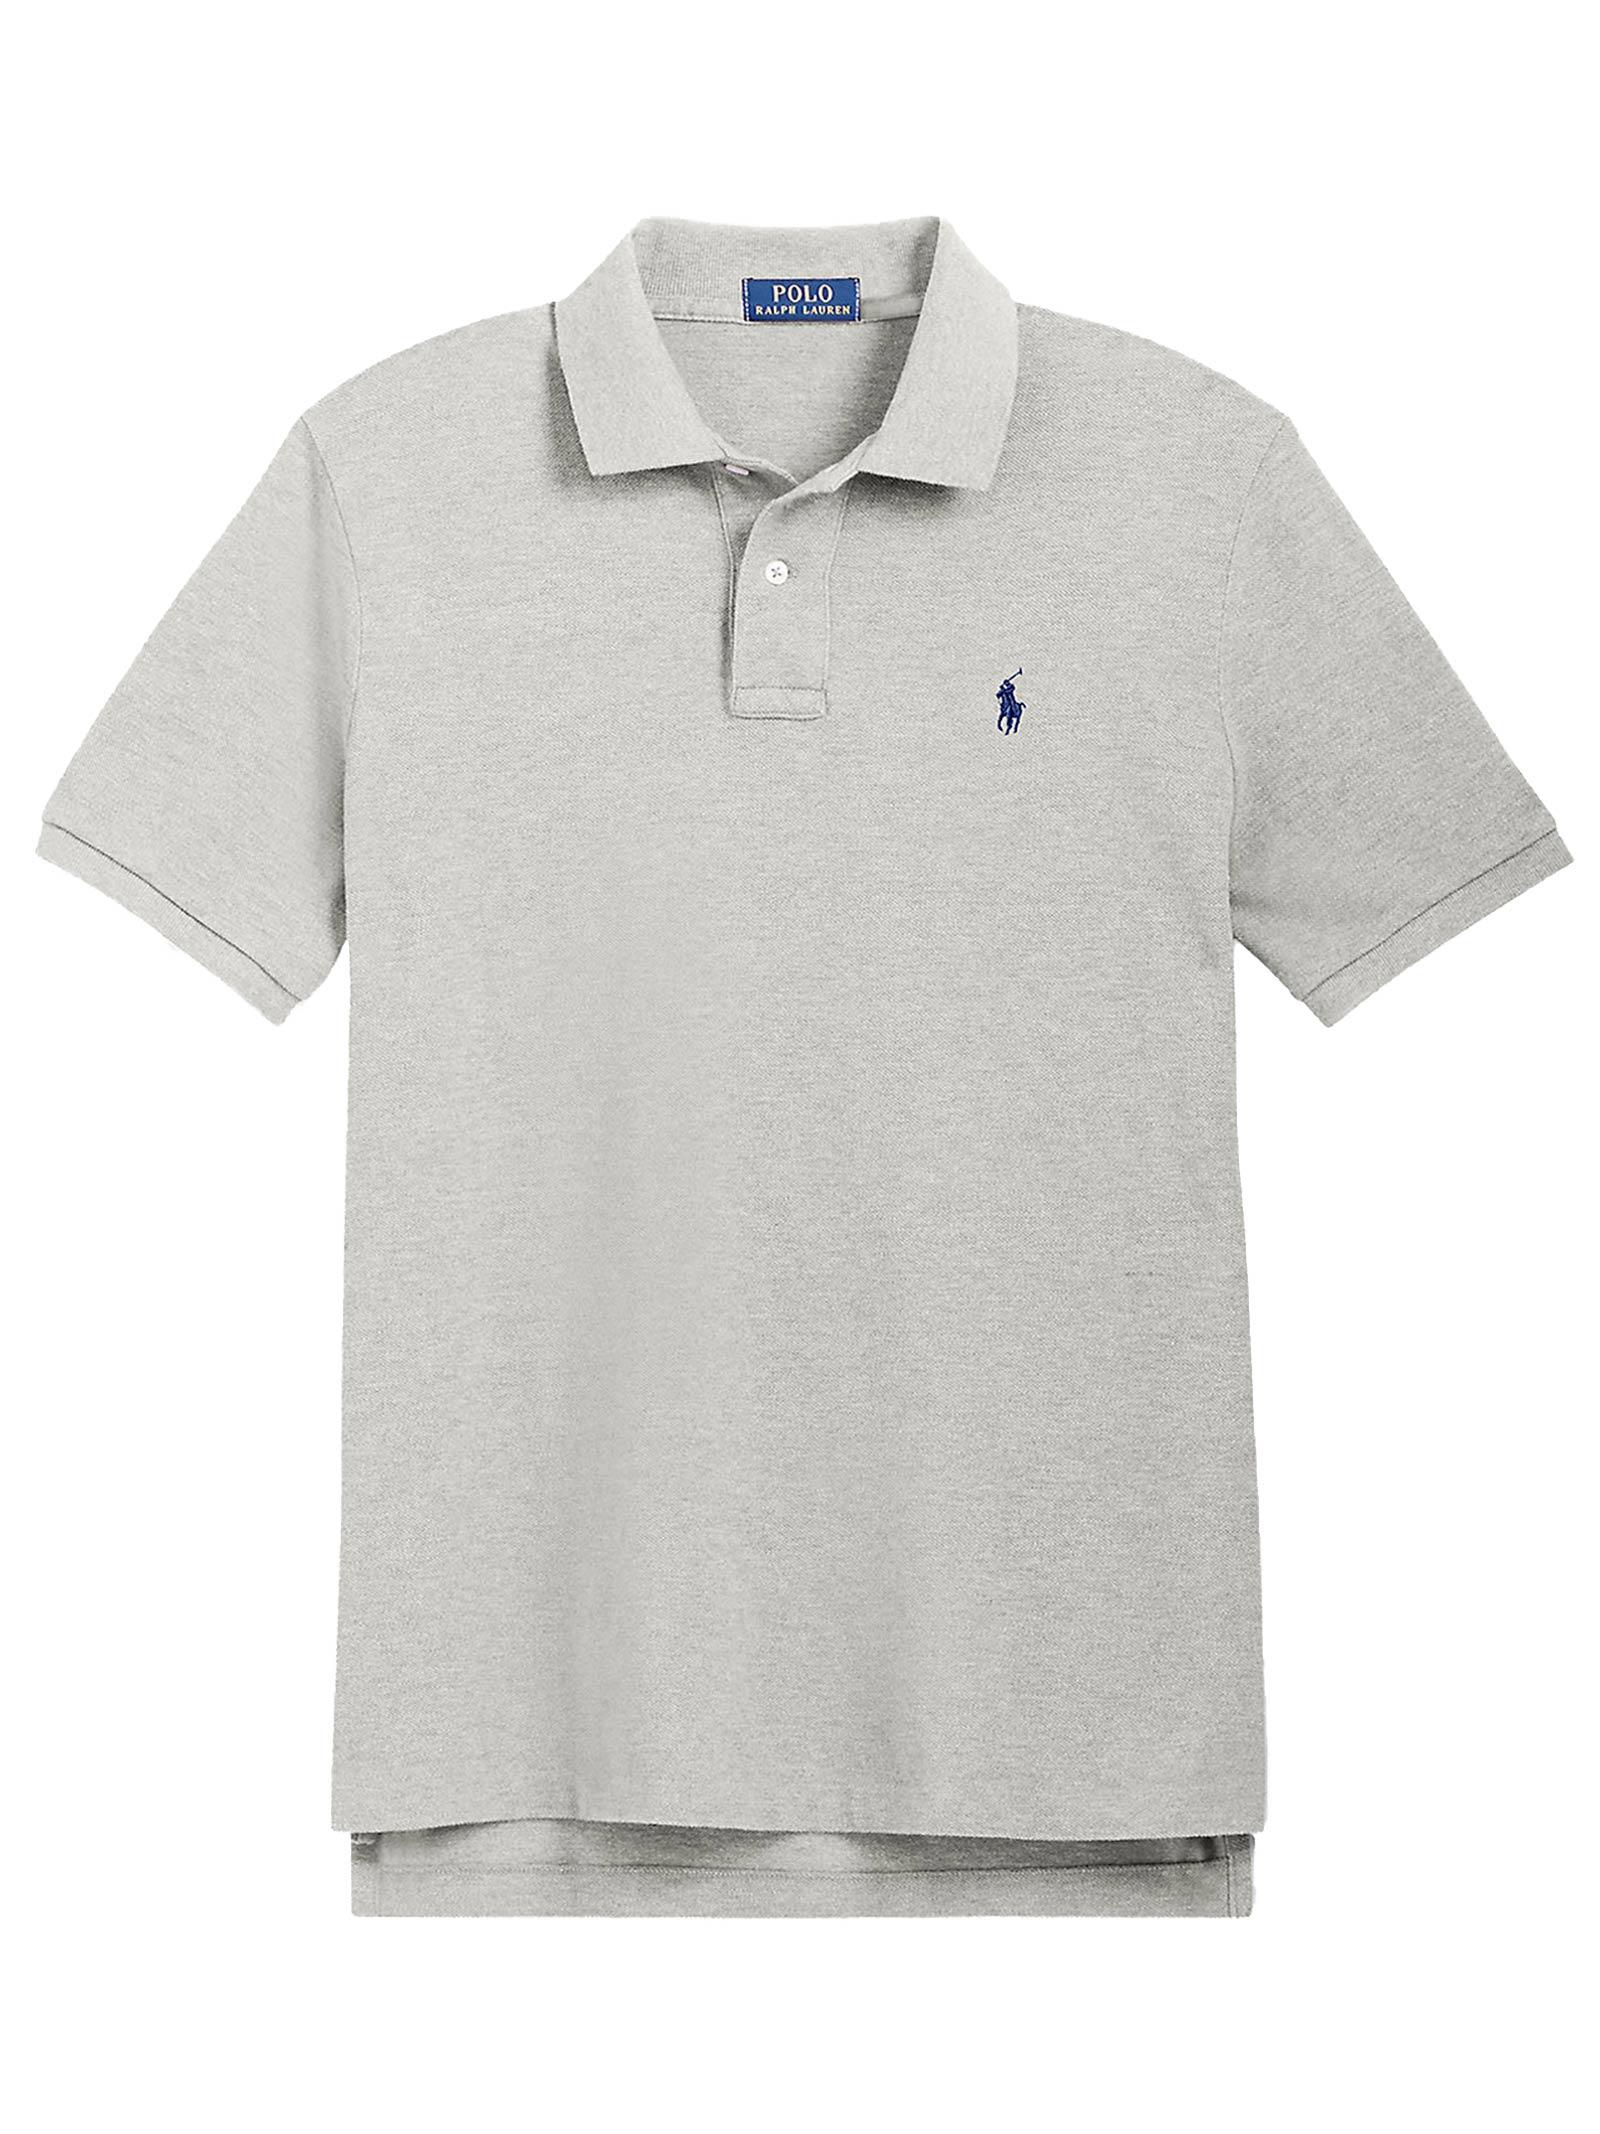 Polo regular in cotone grigia RALPH LAUREN   Polo   710-795080005